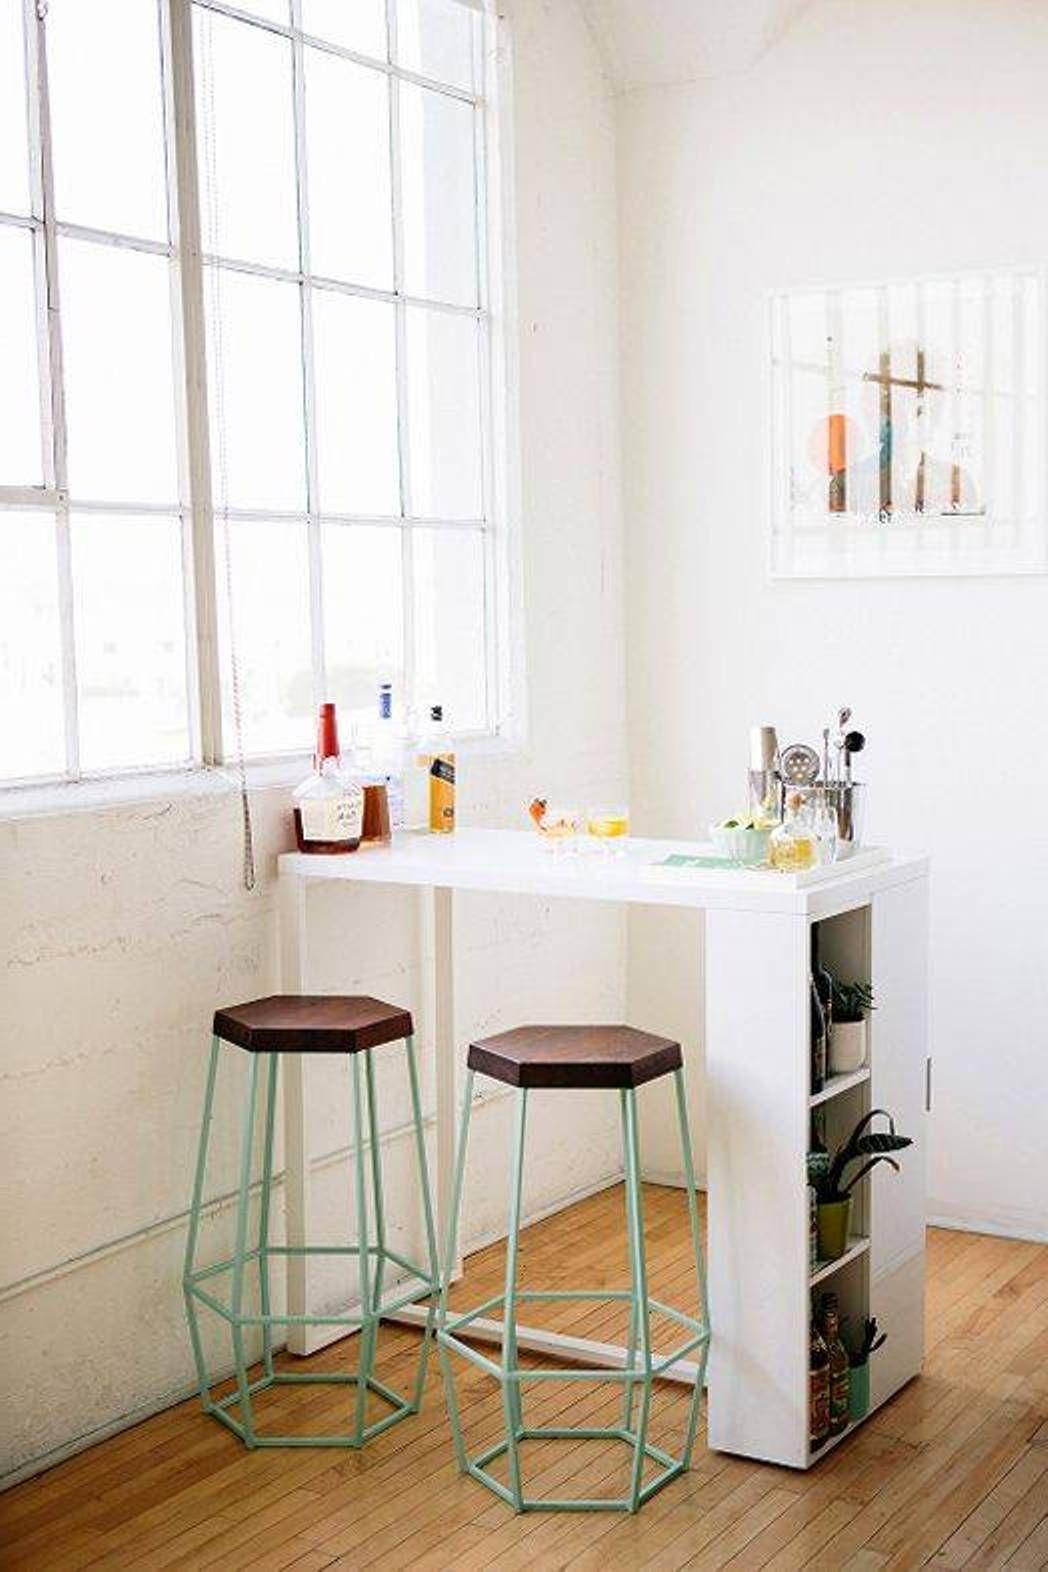 Bar Voor In Een Kleine Keuken Ook Leuk In Een Studio Als